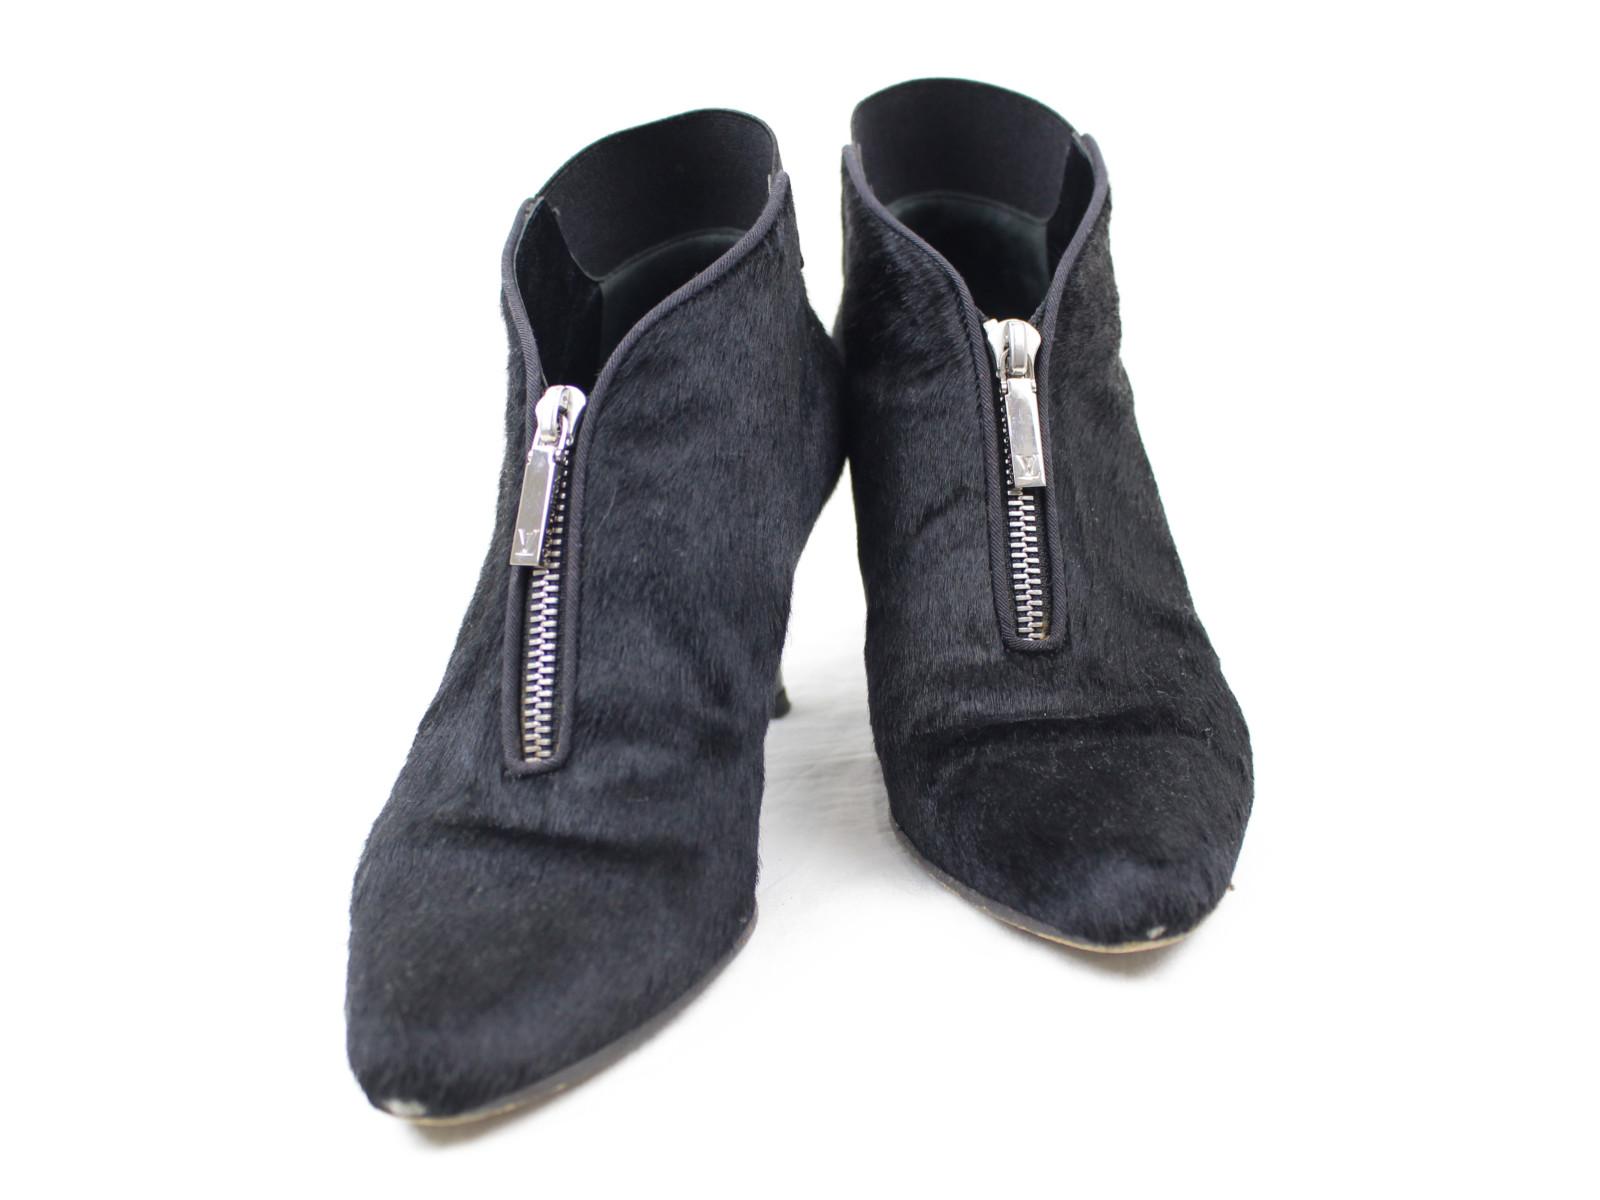 サイズ35 1/2 約22.5cmLOUIS VUITTON ブーティ   ブラック×シルバー金具   レディース ウィメンズ ユニセックス ブランド ブーツ 靴 シンプル オシャレ デザイン かっこいい 大人【中古】